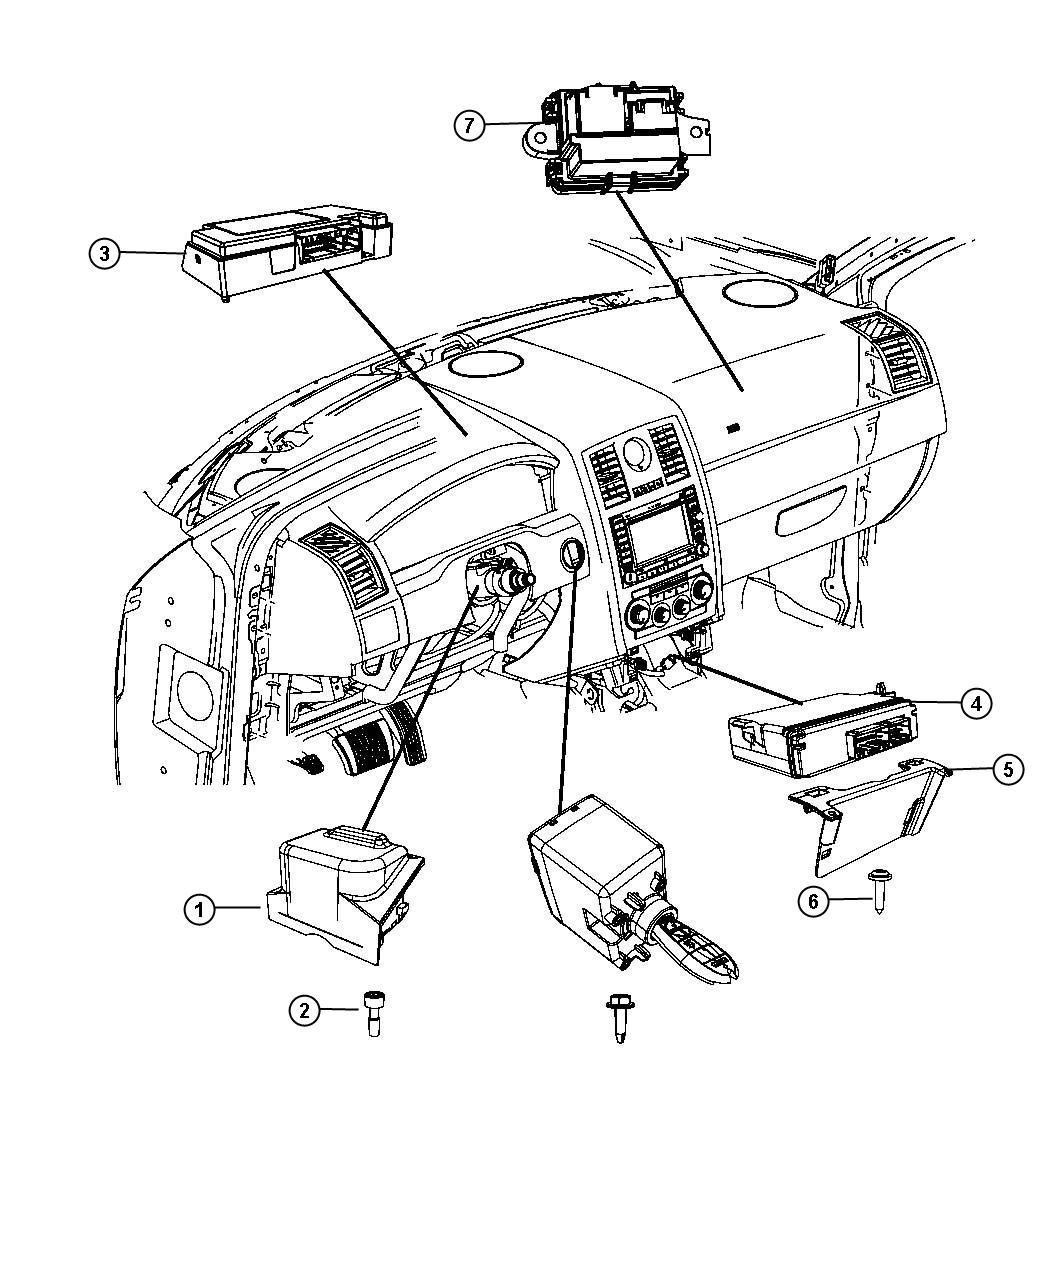 2008 Chrysler 300 Module. Steering Control. [sau], [sua